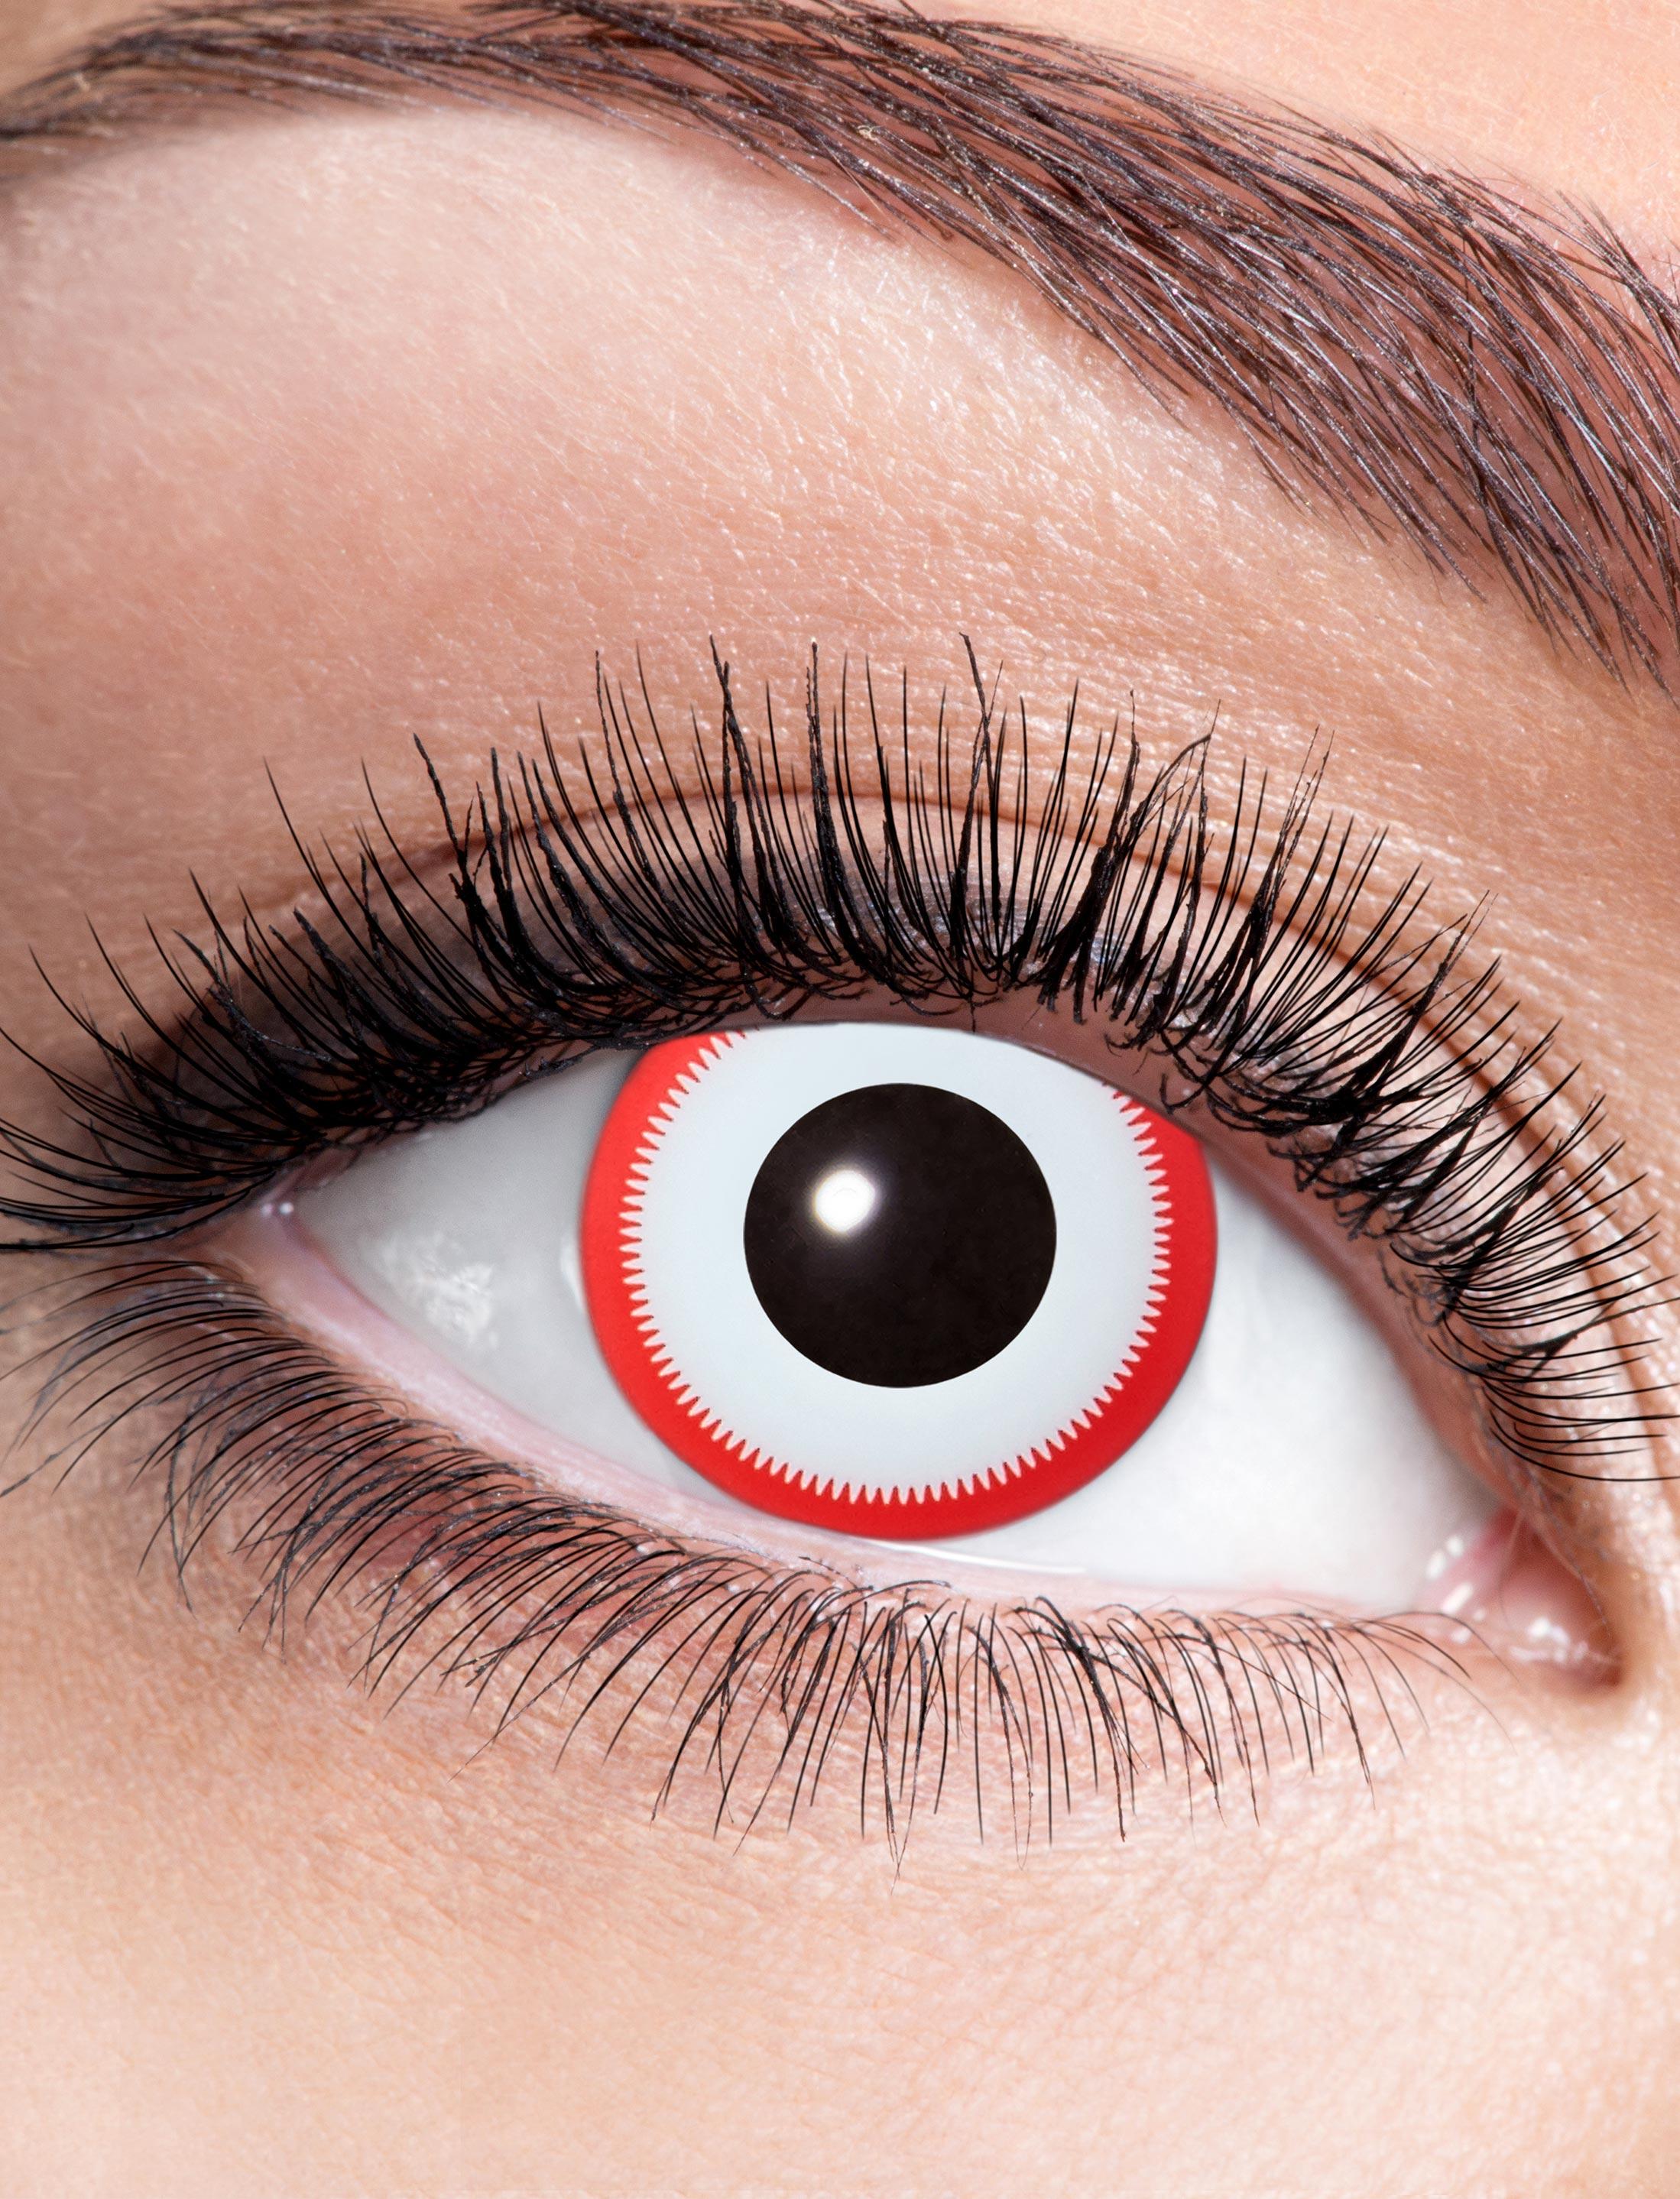 Kostuemzubehor Kontaktlinsen Saw 2 Farbe: rot/weiss